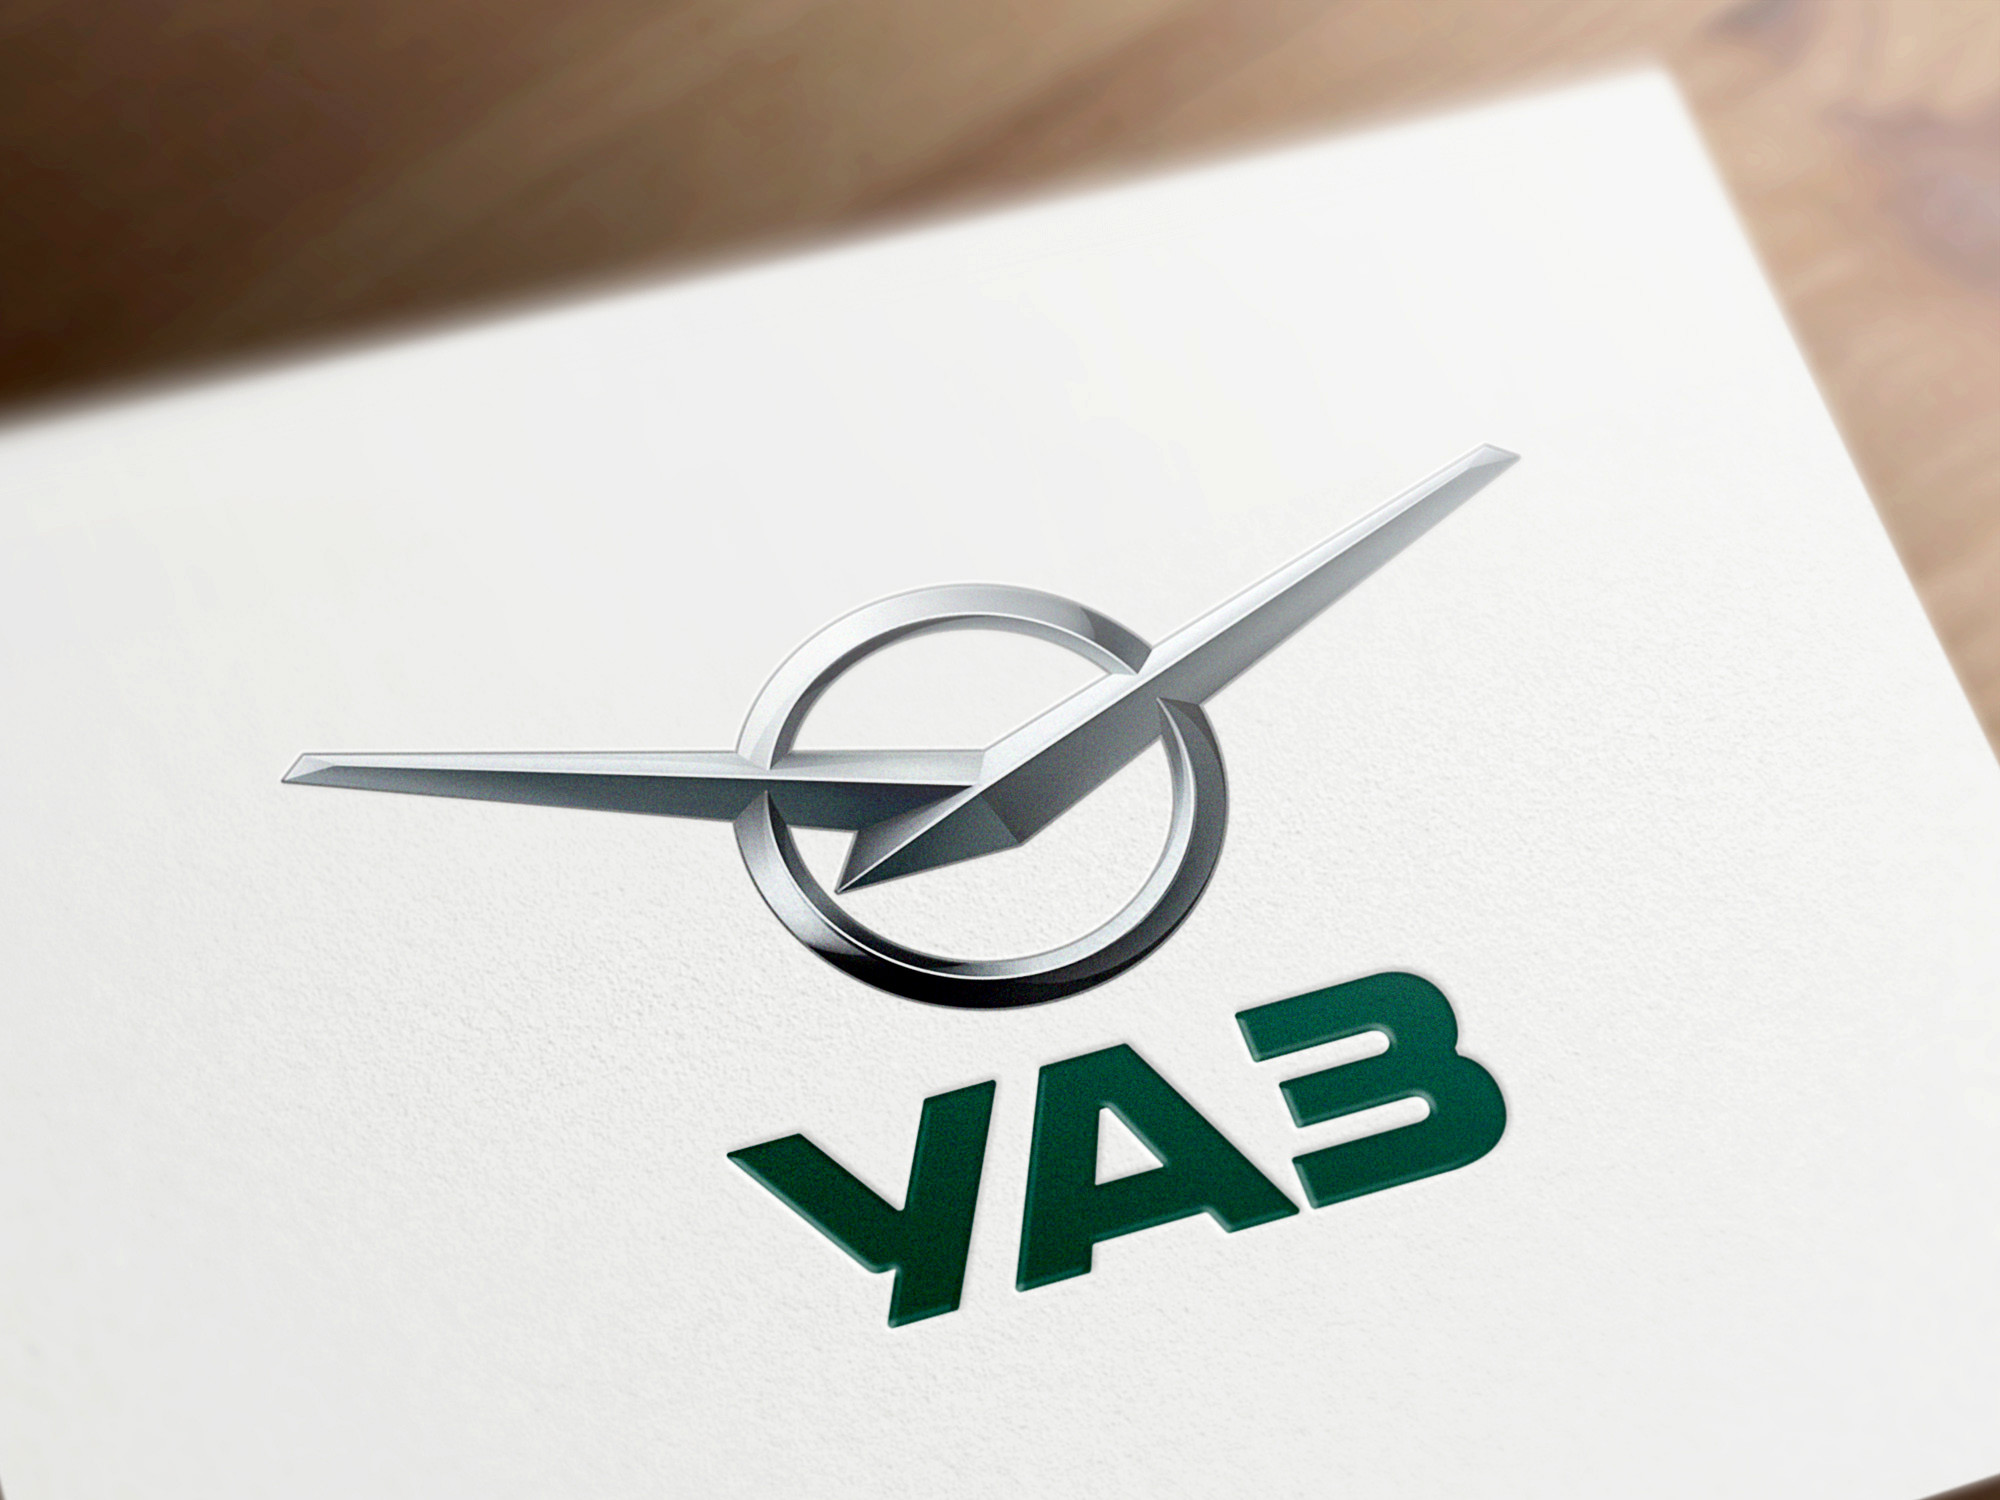 Новый логотип УАЗ: теперь русскими буквами